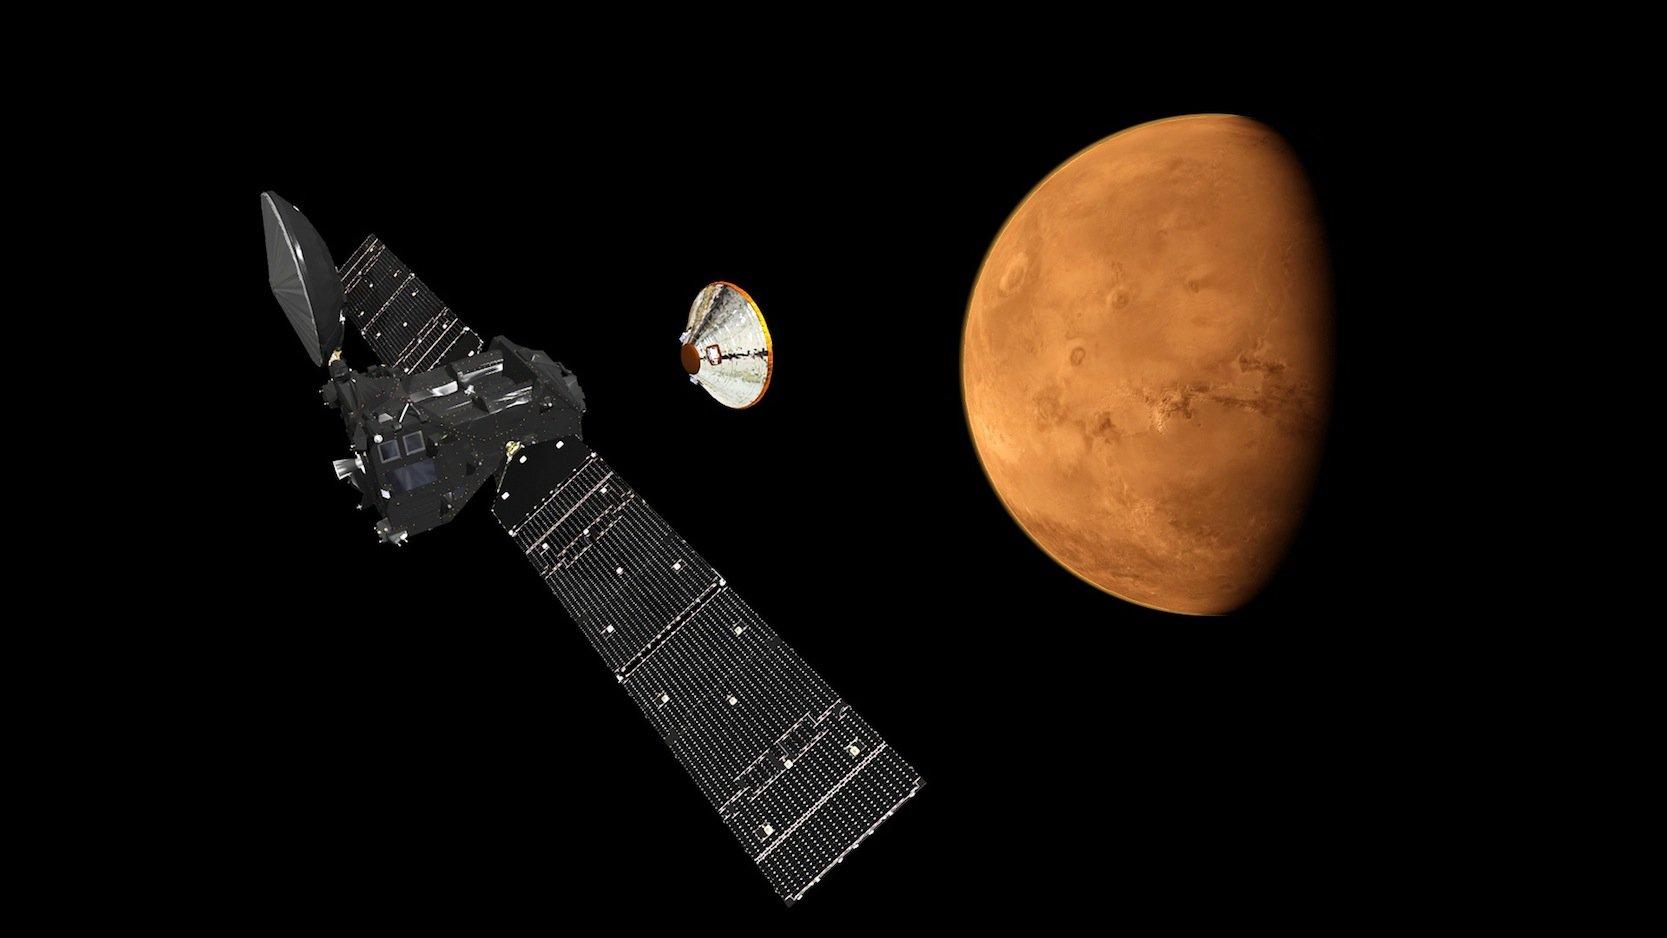 Künstlerische Darstellung des Trace Gas Orbiters der ExoMars 2016-Mission. Er trennt die Landesonde Schiaparelli ab, die dann sanft in Richtung Marsoberfläche hinabgleiten soll.